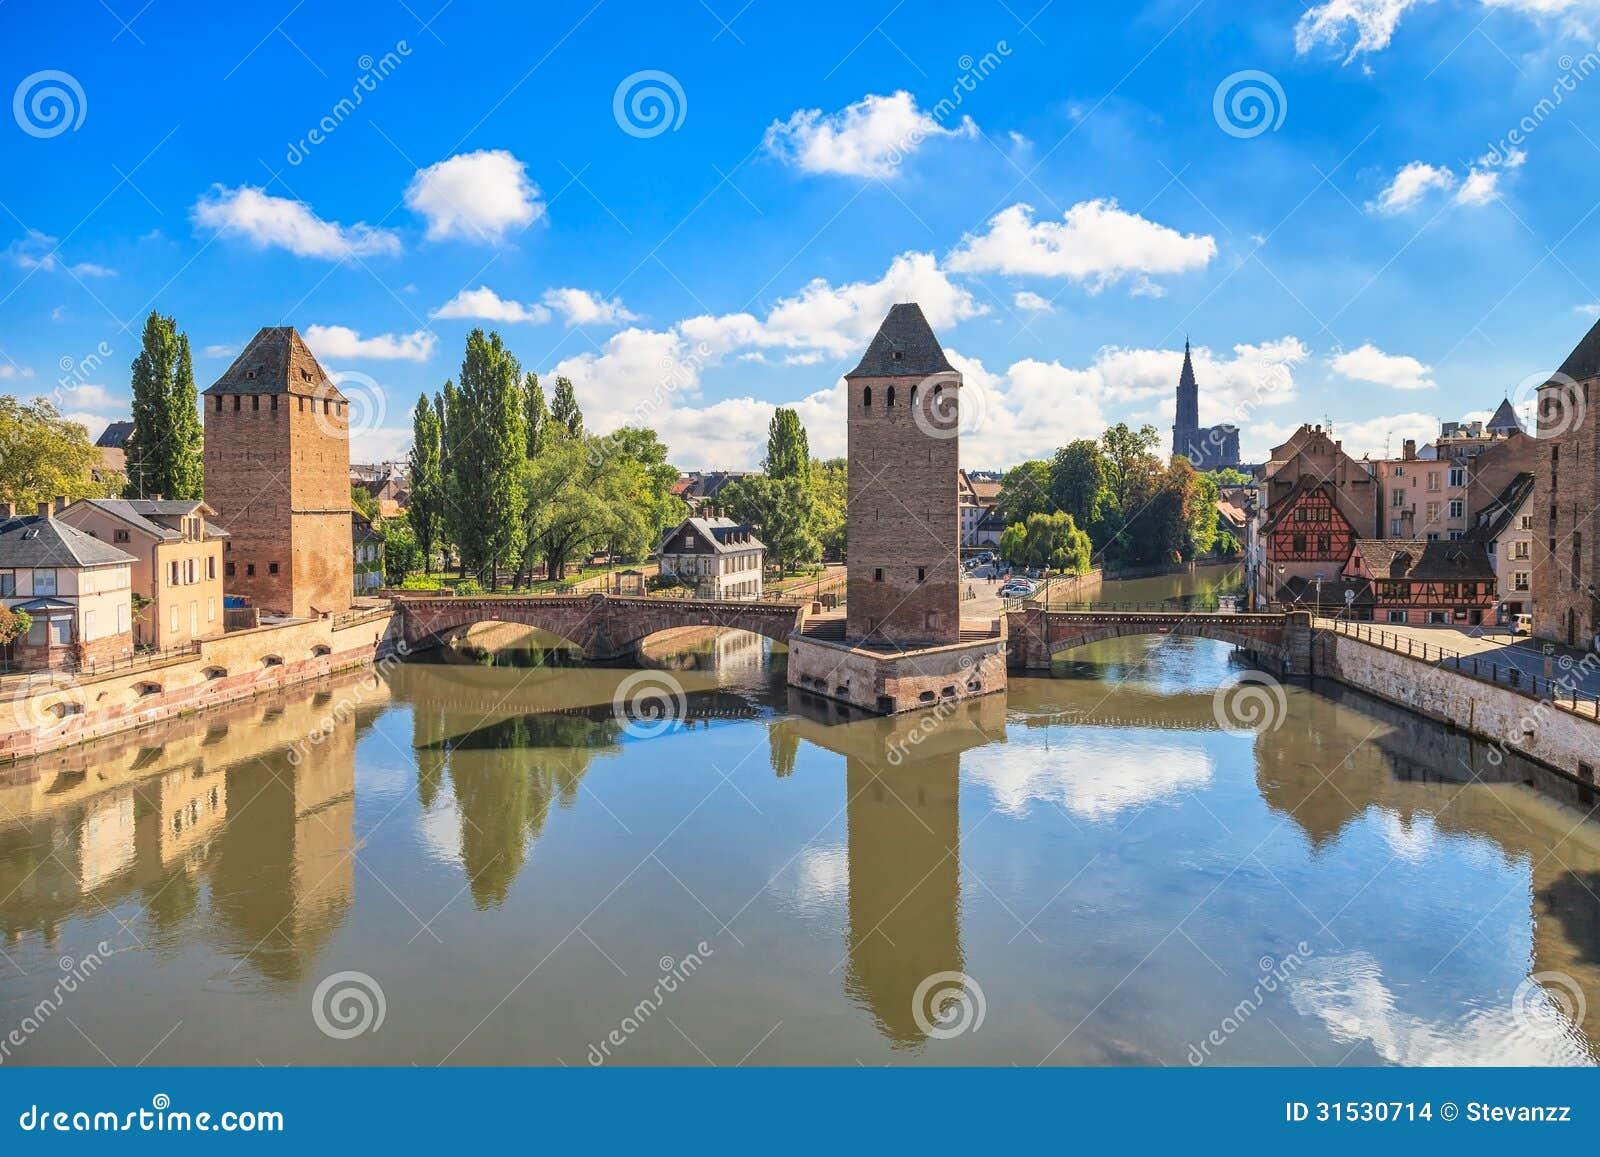 Straßburg, mittelalterliche Brücke Ponts Couverts und Kathedrale. Elsass, Frankreich.